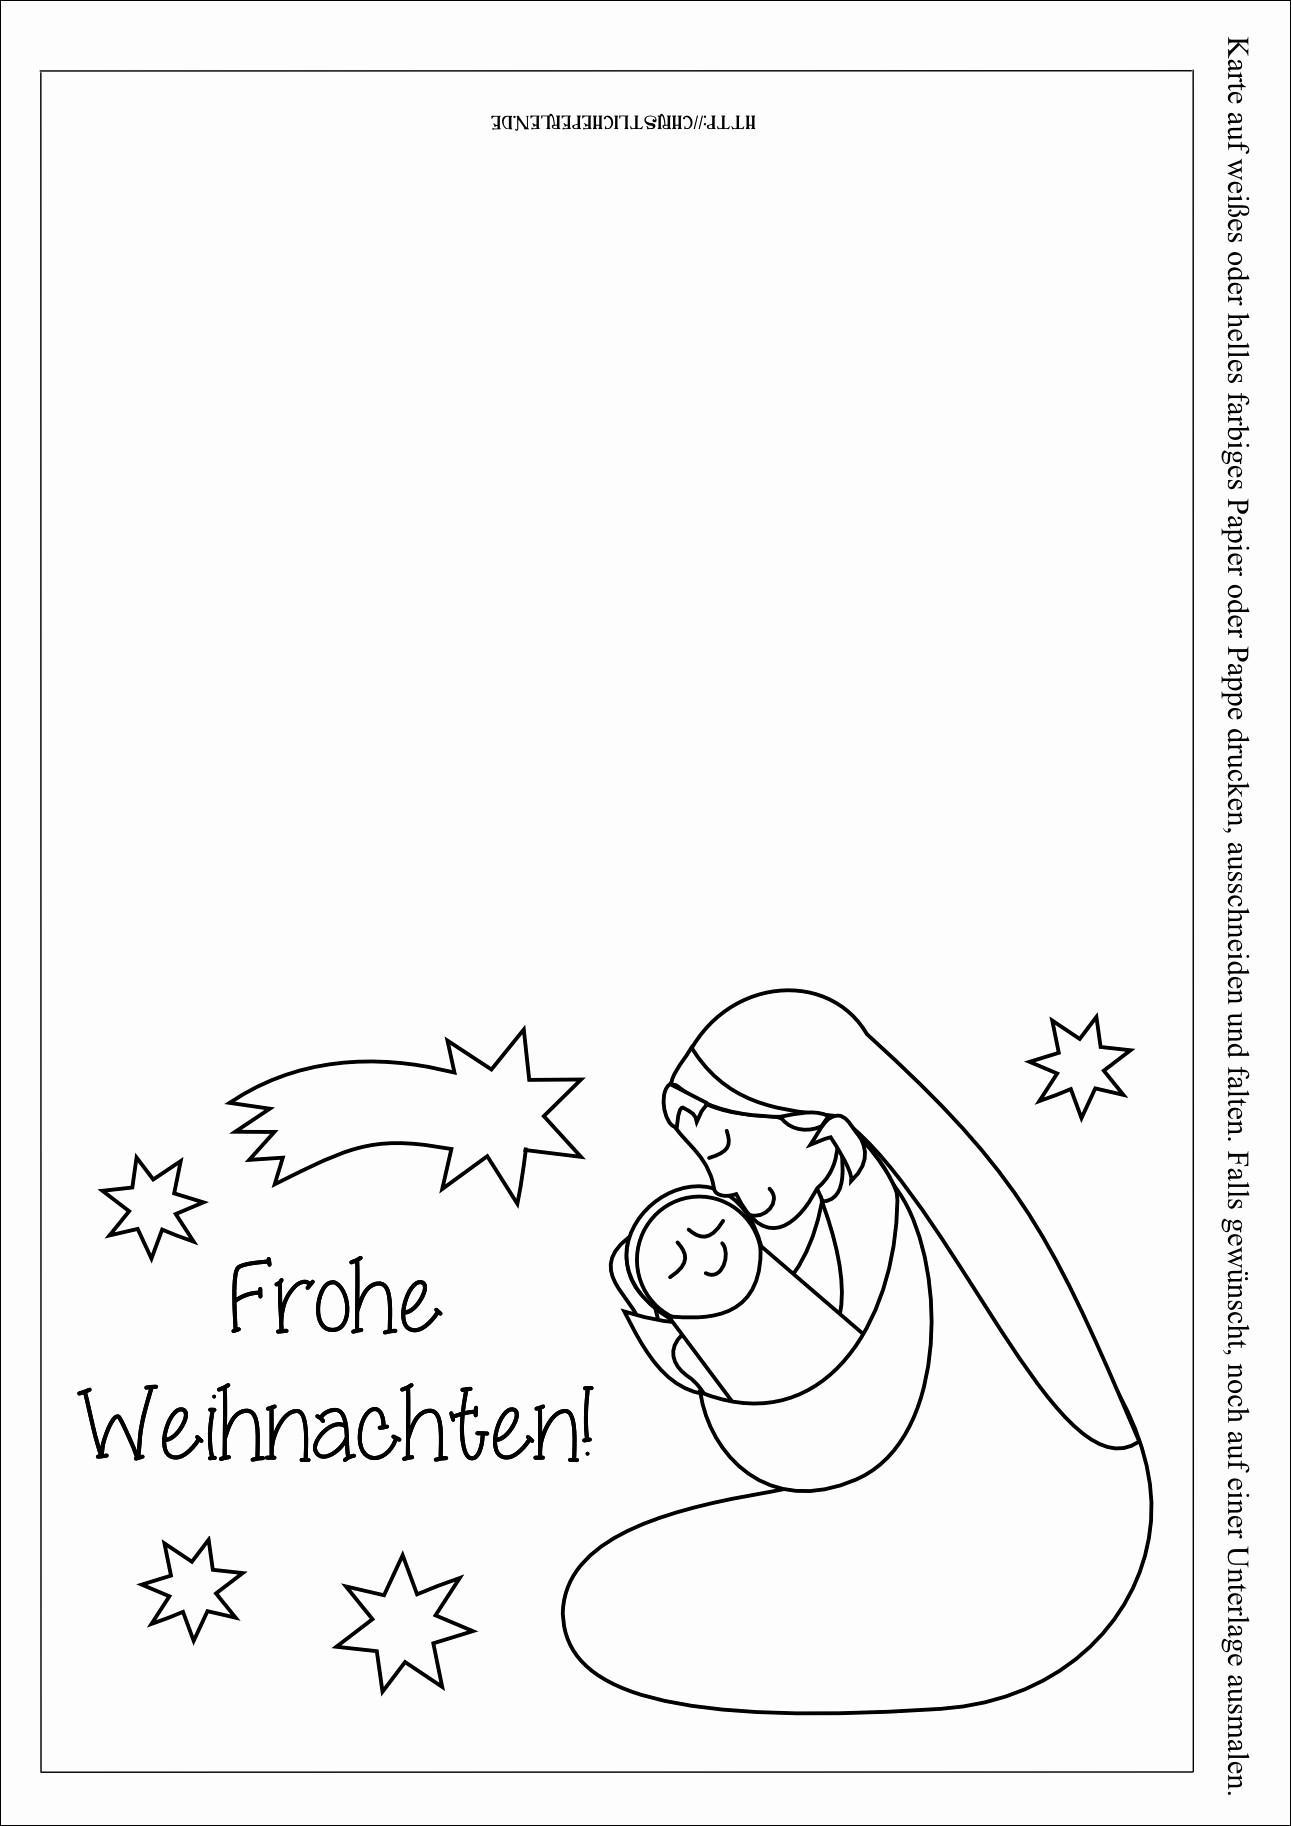 Ausmalbilder Frohe Weihnachten Neu Kollektionen Von Designs Fotos Von Arbeitsblatt Weihnachten Bild